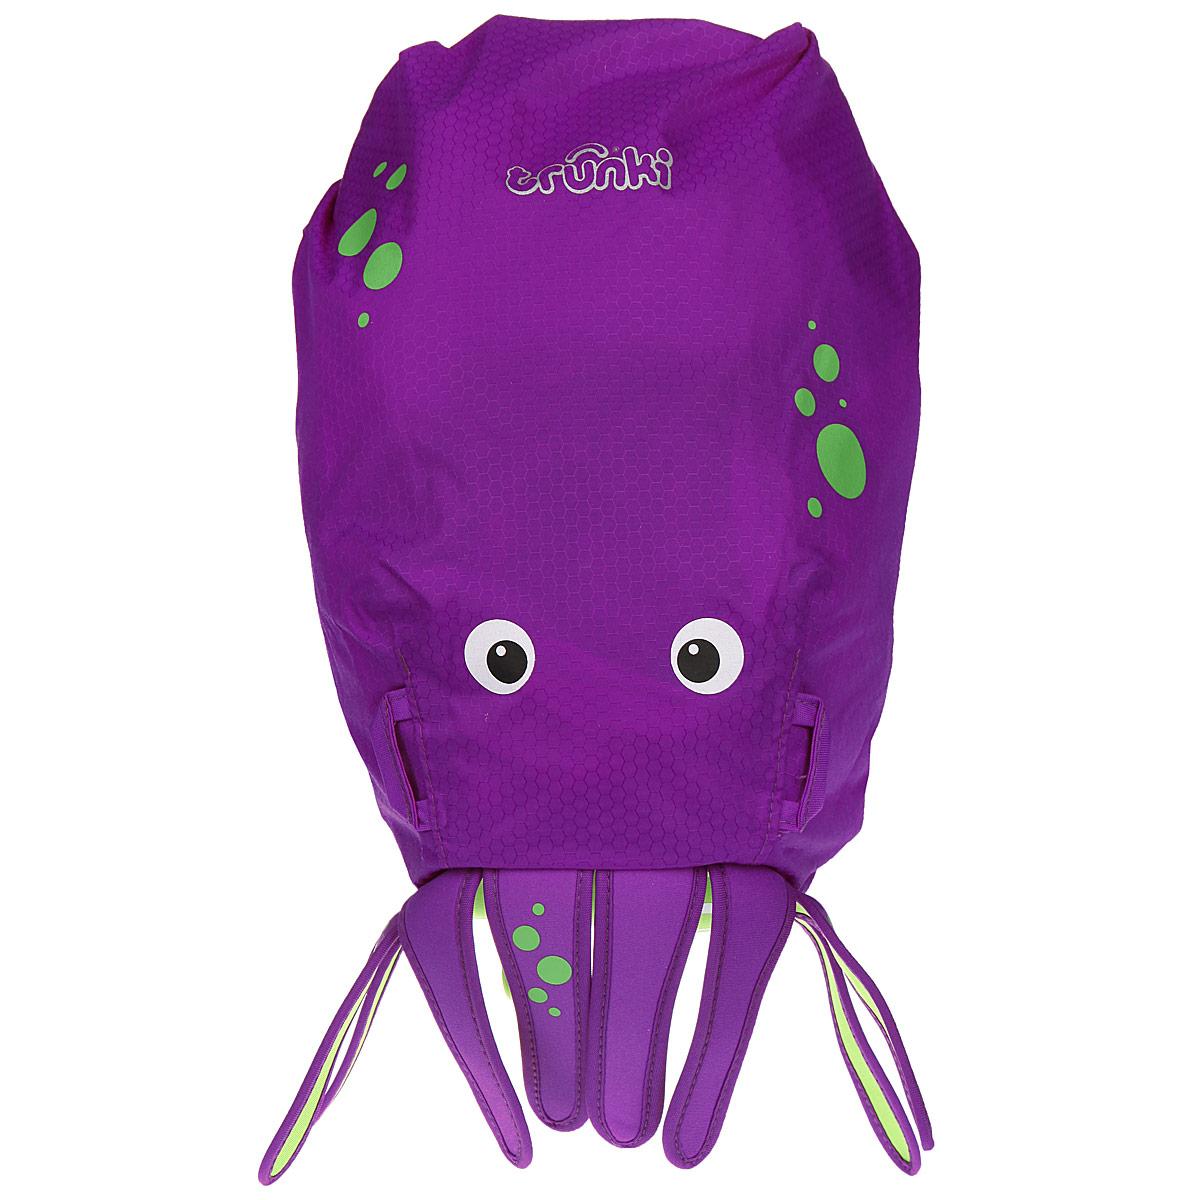 Детский рюкзак для бассейна и пляжа Trunki Осьминог, цвет: фиолетовый, салатовый, 7,5 л0114-GB01Детский рюкзак для бассейна и пляжа Trunki Осьминог - великолепный подарок для маленьких спортсменов и путешественников. Выполнен из прочного и водоотталкивающего материала в виде осьминога. Рюкзак состоит из вместительного отделения, закрывающегося с помощью скрутки, которая также сохранит содержимое и защитит от проникновения воды. Благодаря широкой горловине рюкзака в него очень удобно складывать вещи. Конструкция спинки дополнена противоскользящей сеточкой и системой вентиляции для предотвращения запотевания спины ребенка. Мягкие широкие лямки позволяют легко и быстро отрегулировать рюкзак в соответствии с ростом. На правой лямке рюкзака предусмотрено специальное крепление Trunki grip, с помощью которого можно подвесить детские солнцезащитные очки. Рюкзак оснащен петлей для подвешивания. Также имеет светоотражающие элементы и карман в нижней части рюкзака, куда можно положить различные мелочи. Рюкзак Trunki Осьминог прекрасно подойдет для походов в...